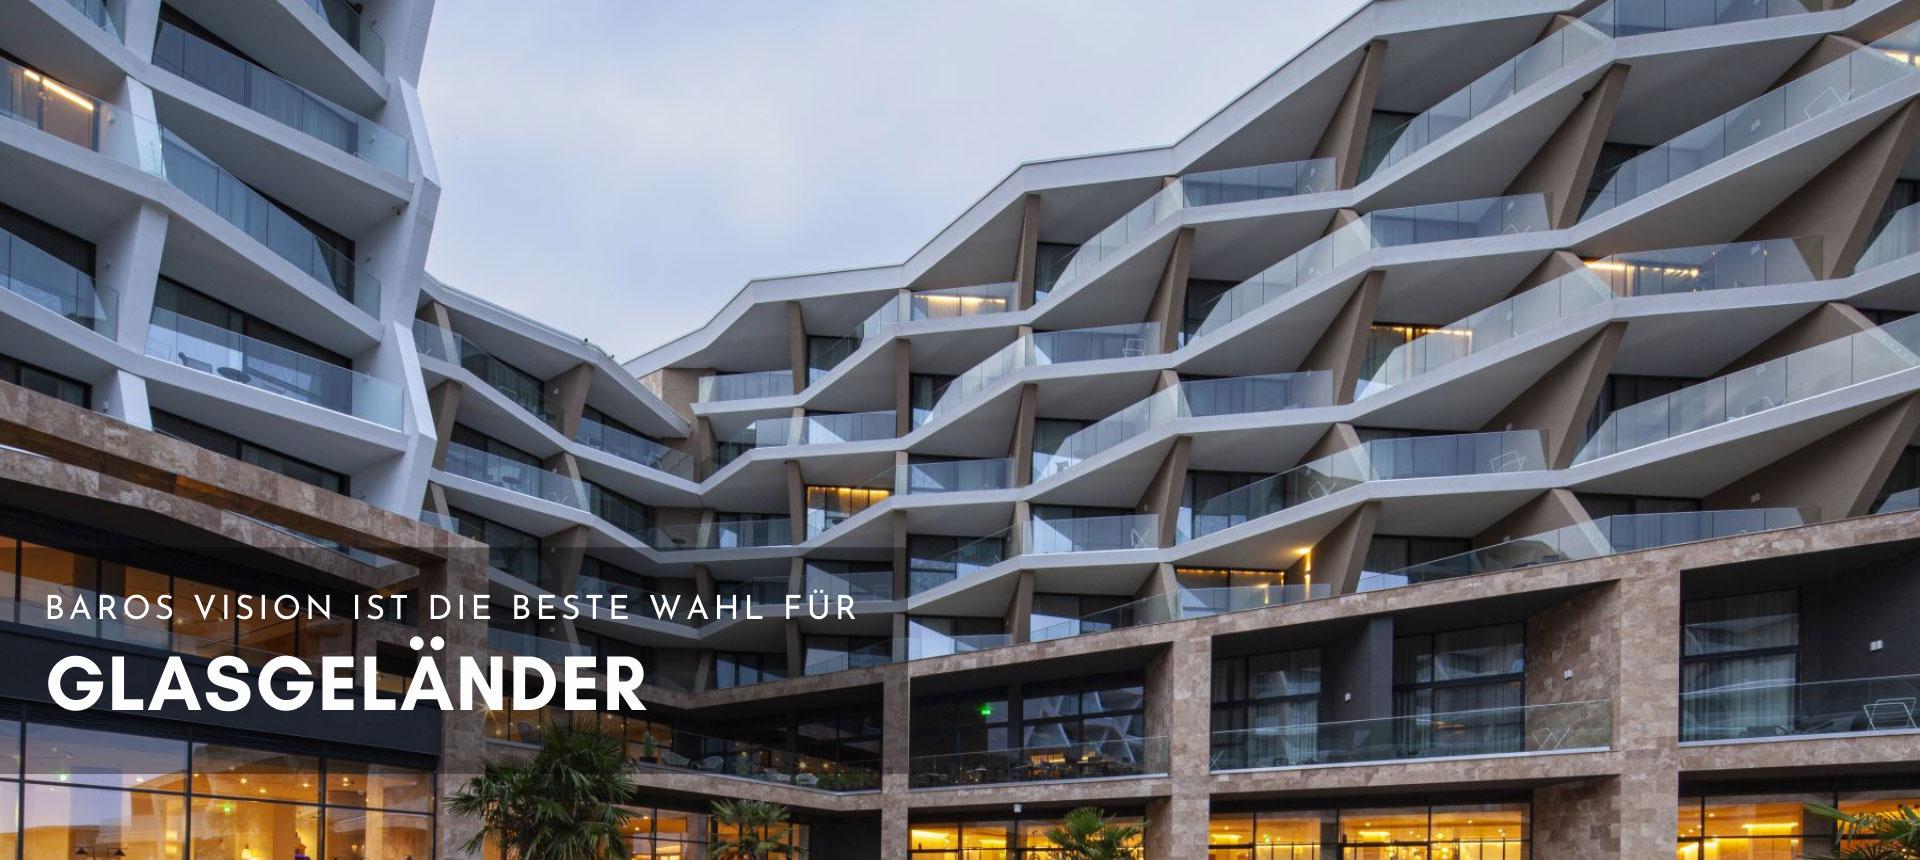 Glasgeländer im Hotelkomplex Baros Vision Project